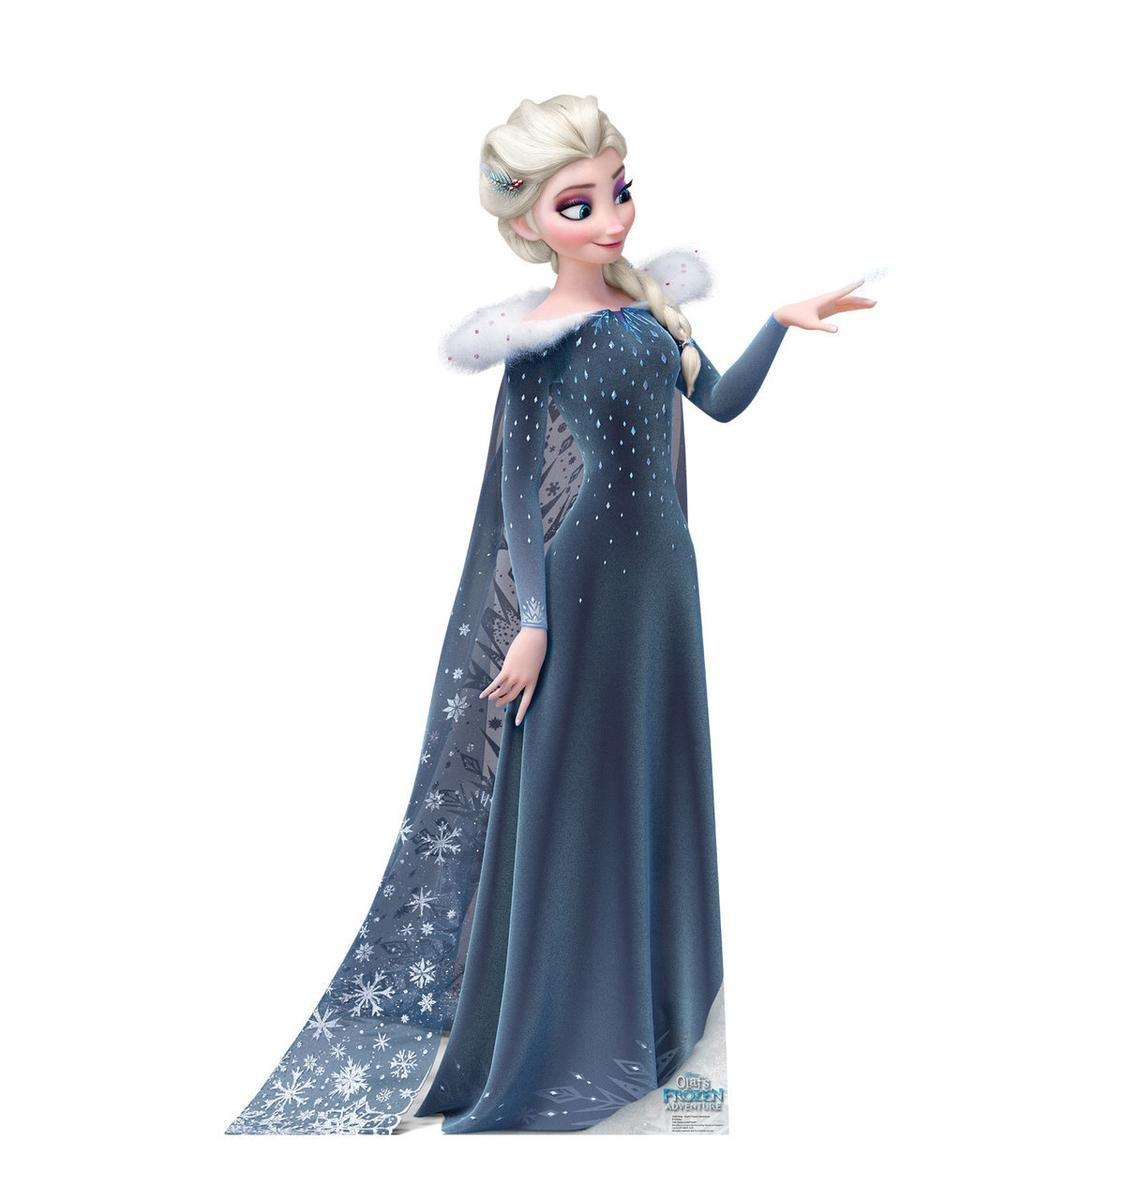 エルサ 等身大パネル アナと雪の女王 家族の思い出 グッズ インテリア 部屋 デコレーション 飾り 装飾 [並行輸入品] B076JVCRLM